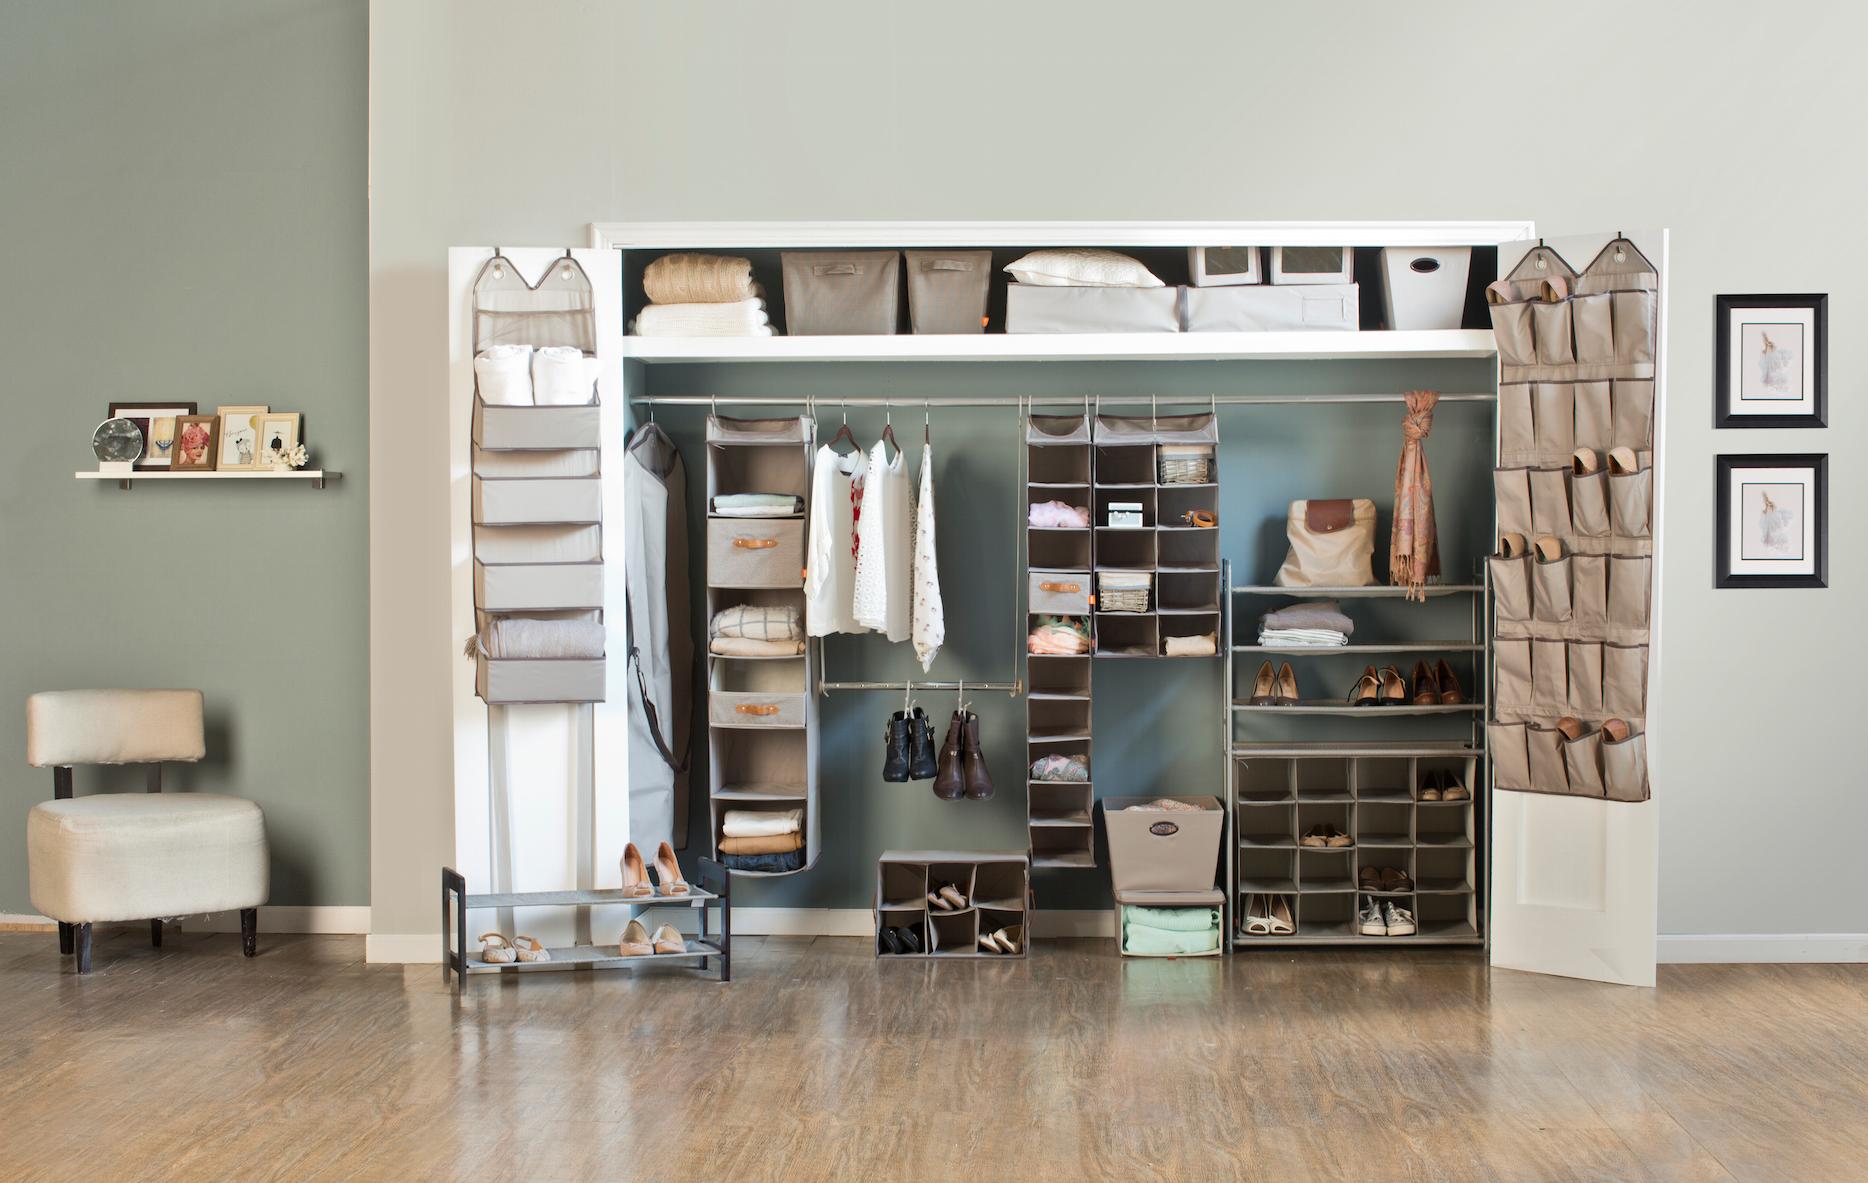 Agrega accesorios a tu clóset para organizar tu ropa, zapatos y más.